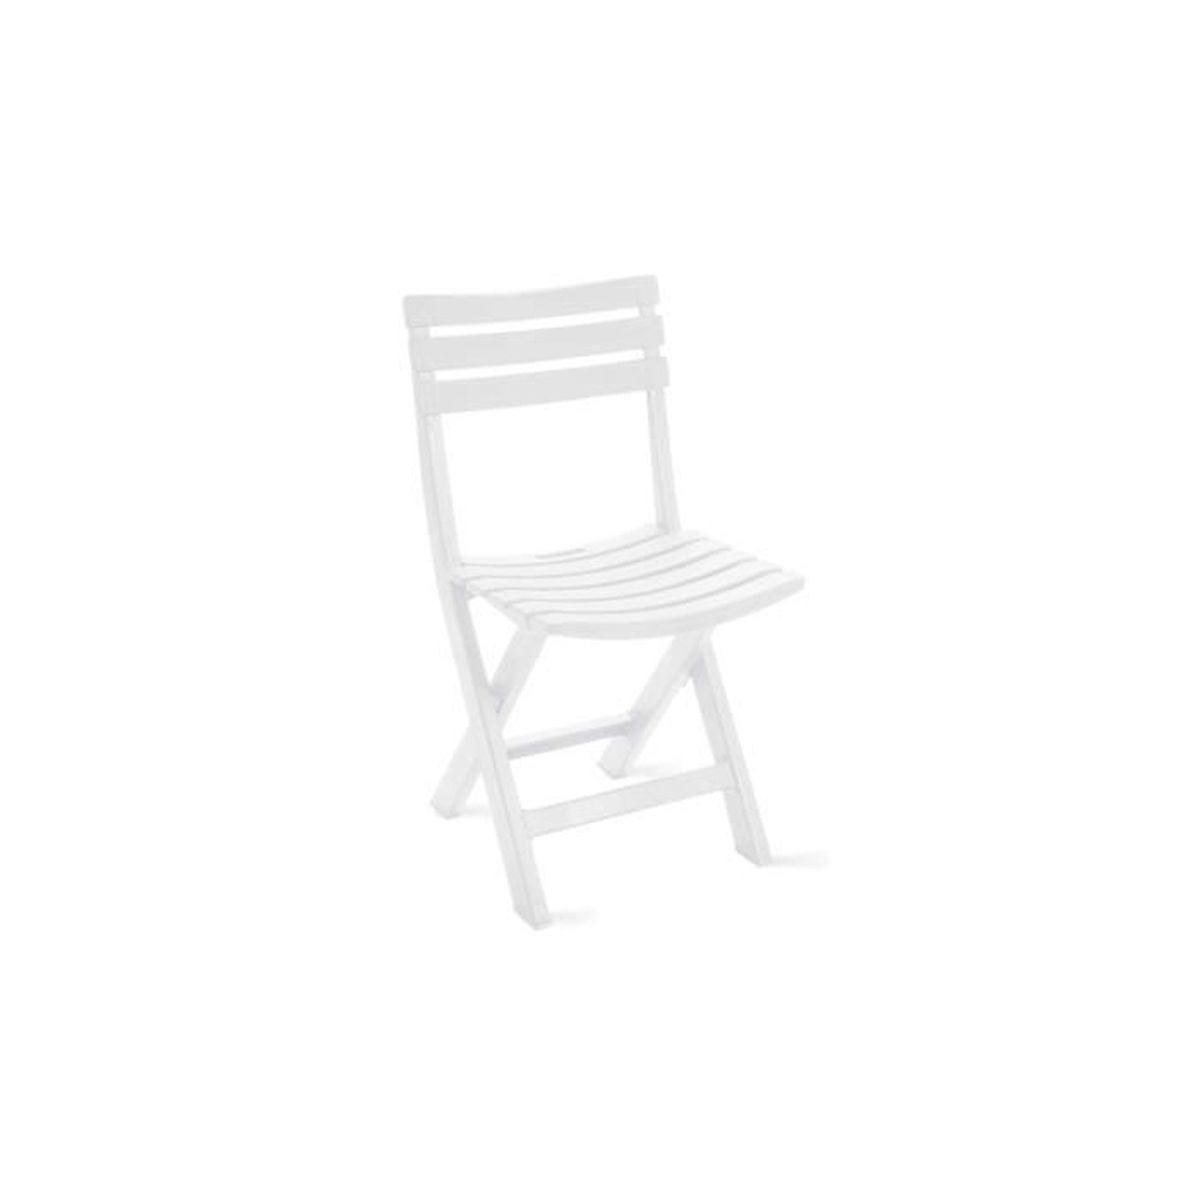 Chaise jardin plastique pliante - Achat / Vente Chaise jardin ...